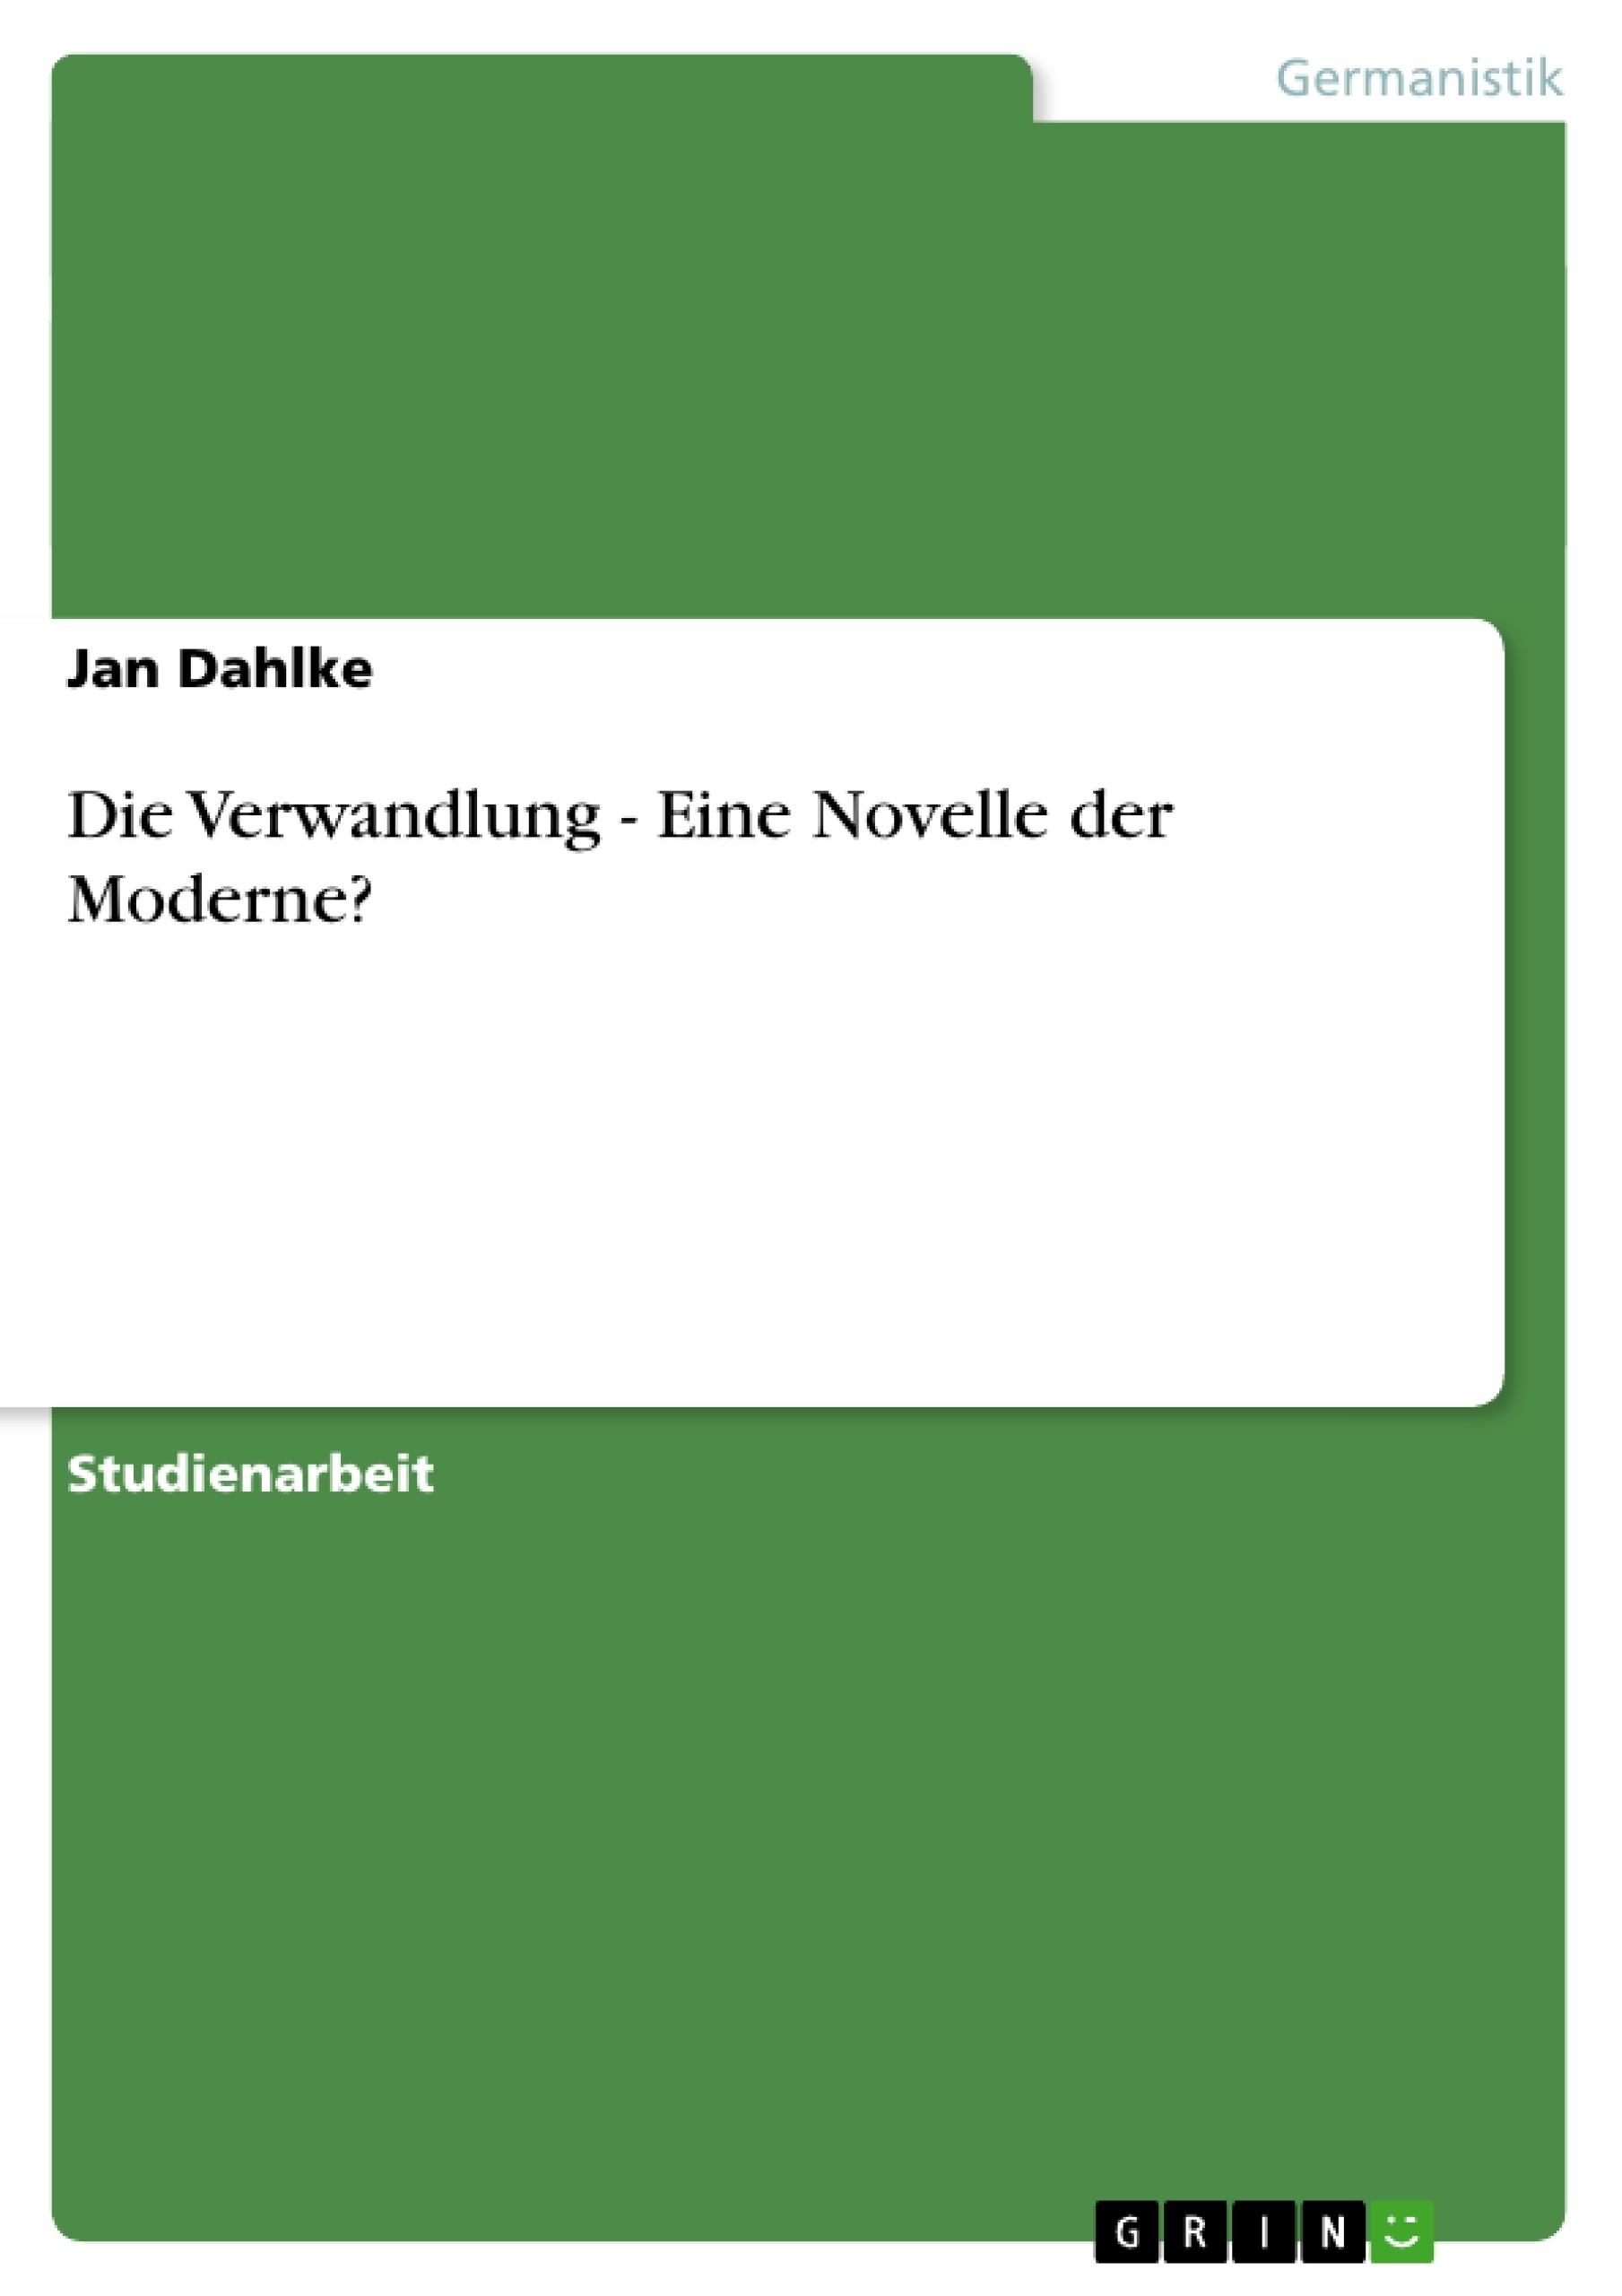 Titel: Die Verwandlung - Eine Novelle der Moderne?